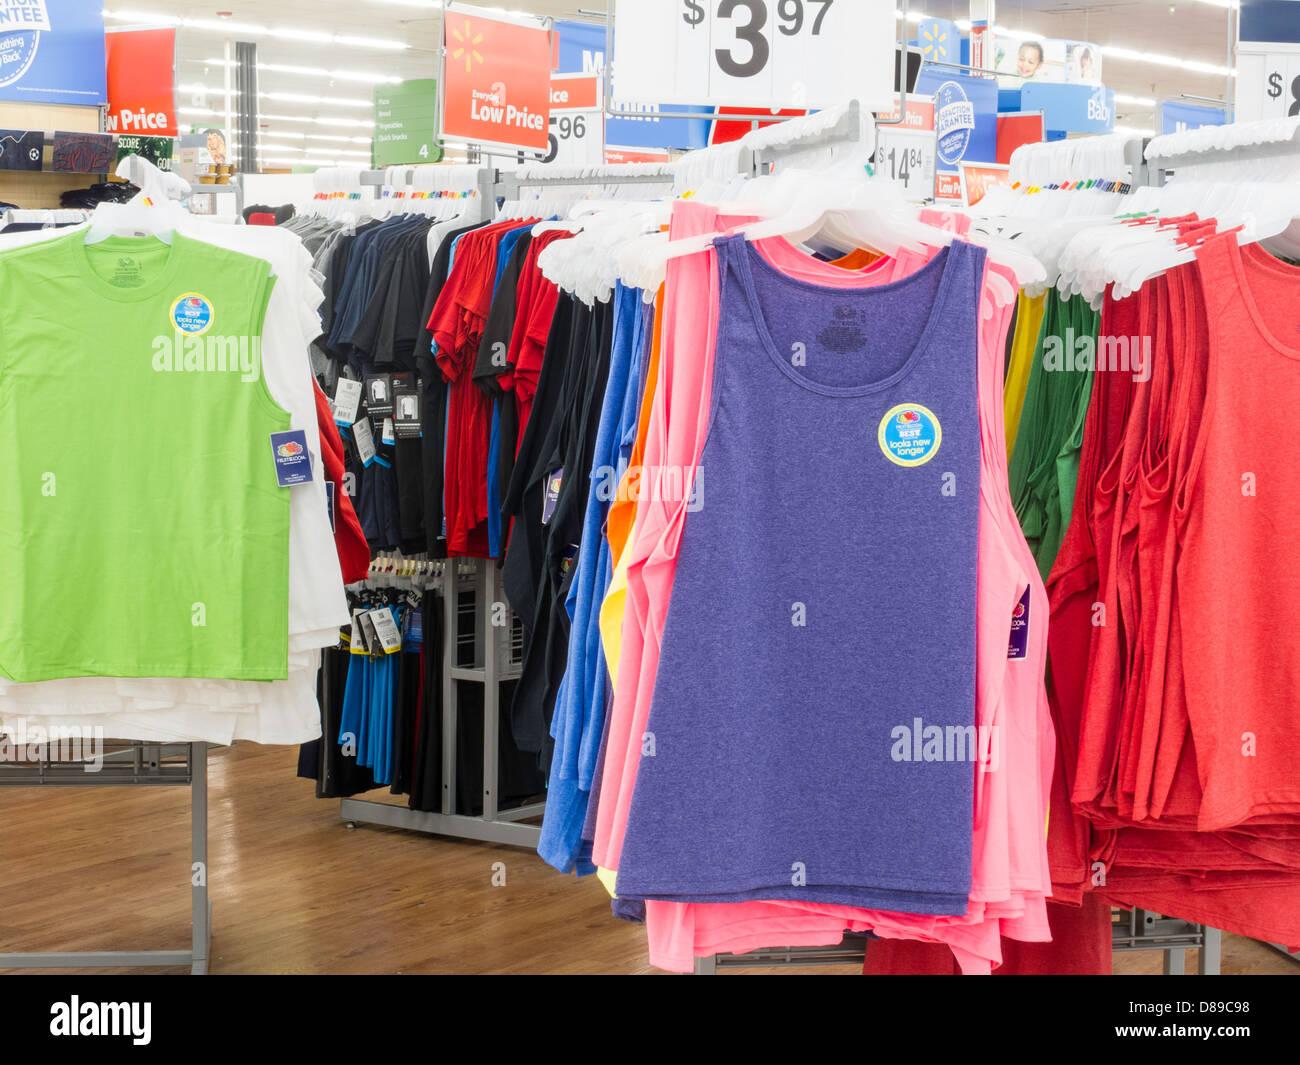 d617067d Walmart Store Price Usa Stock Photos & Walmart Store Price Usa Stock ...